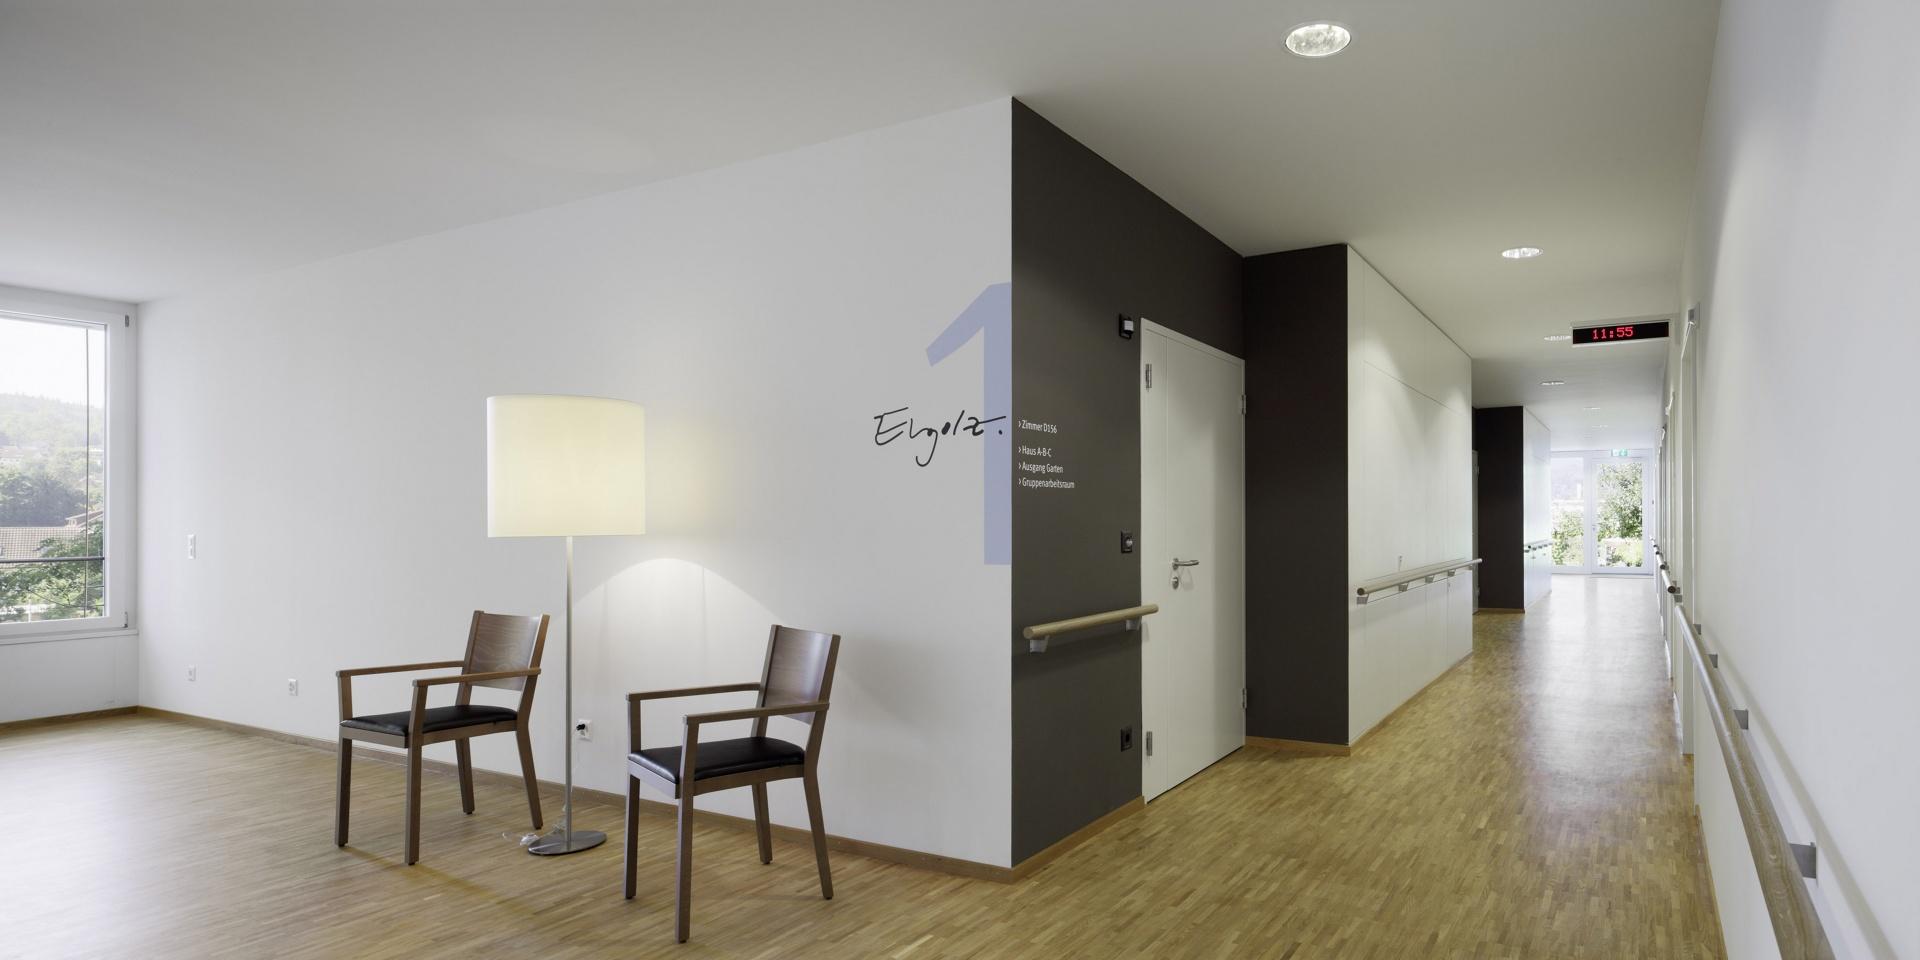 Brunnmatt_Korridor © Tom Bisig, Basel